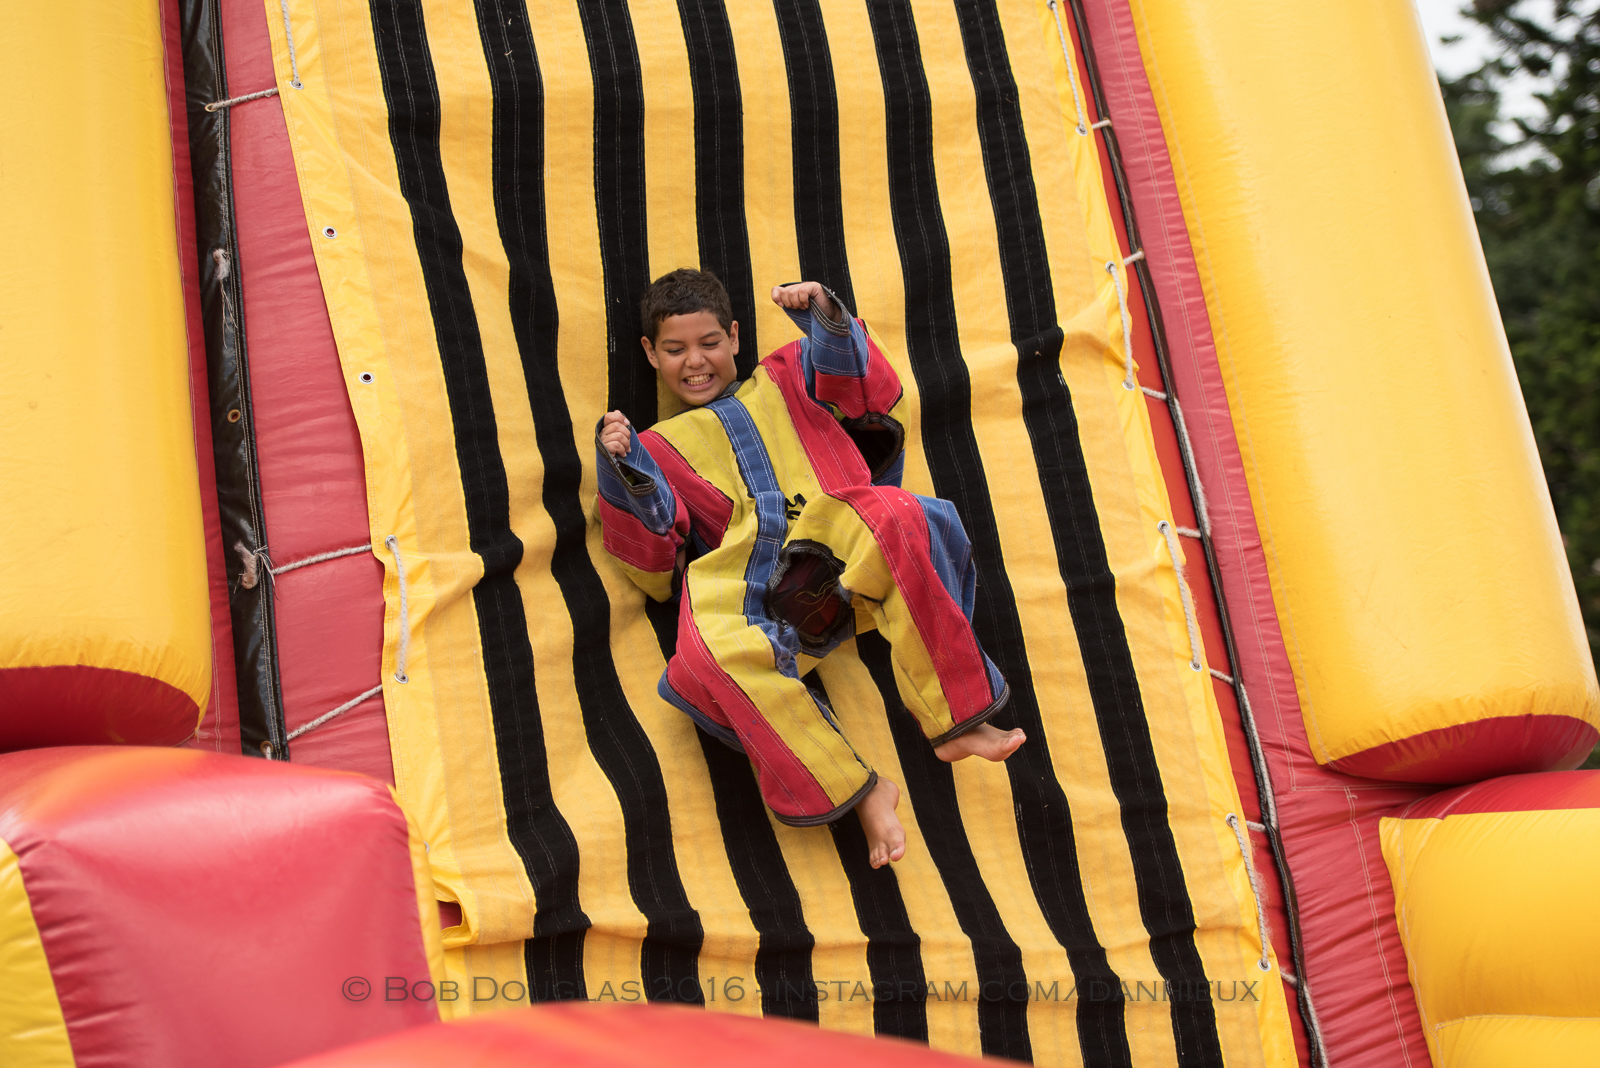 Kid coming down slide.